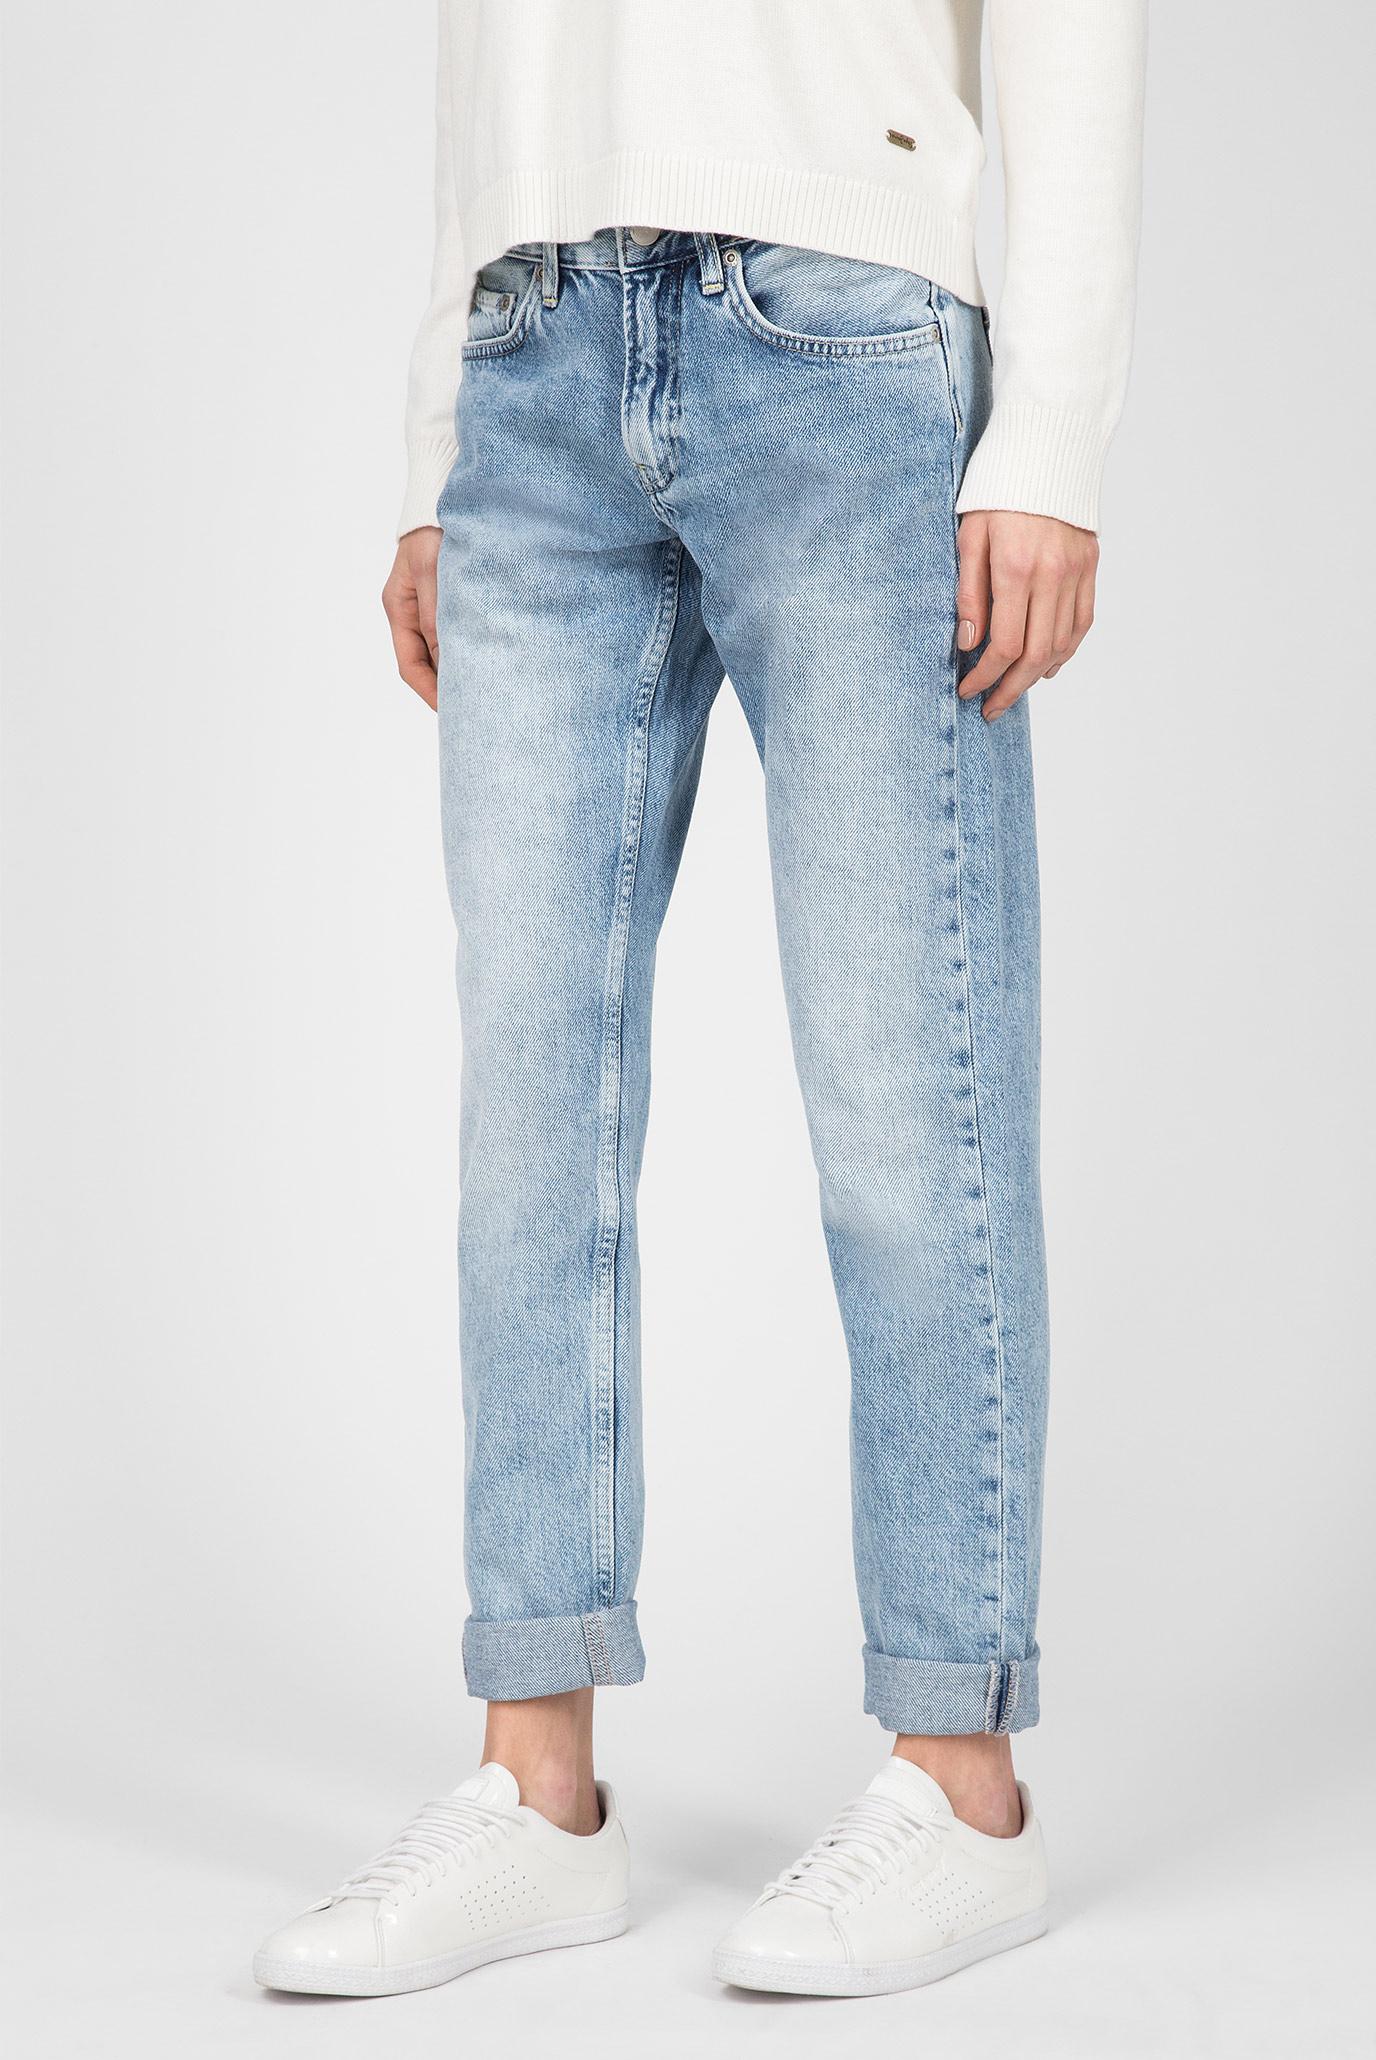 Купить Женские голубые джинсы Mable Pepe Jeans Pepe Jeans PL203156MD00 – Киев, Украина. Цены в интернет магазине MD Fashion